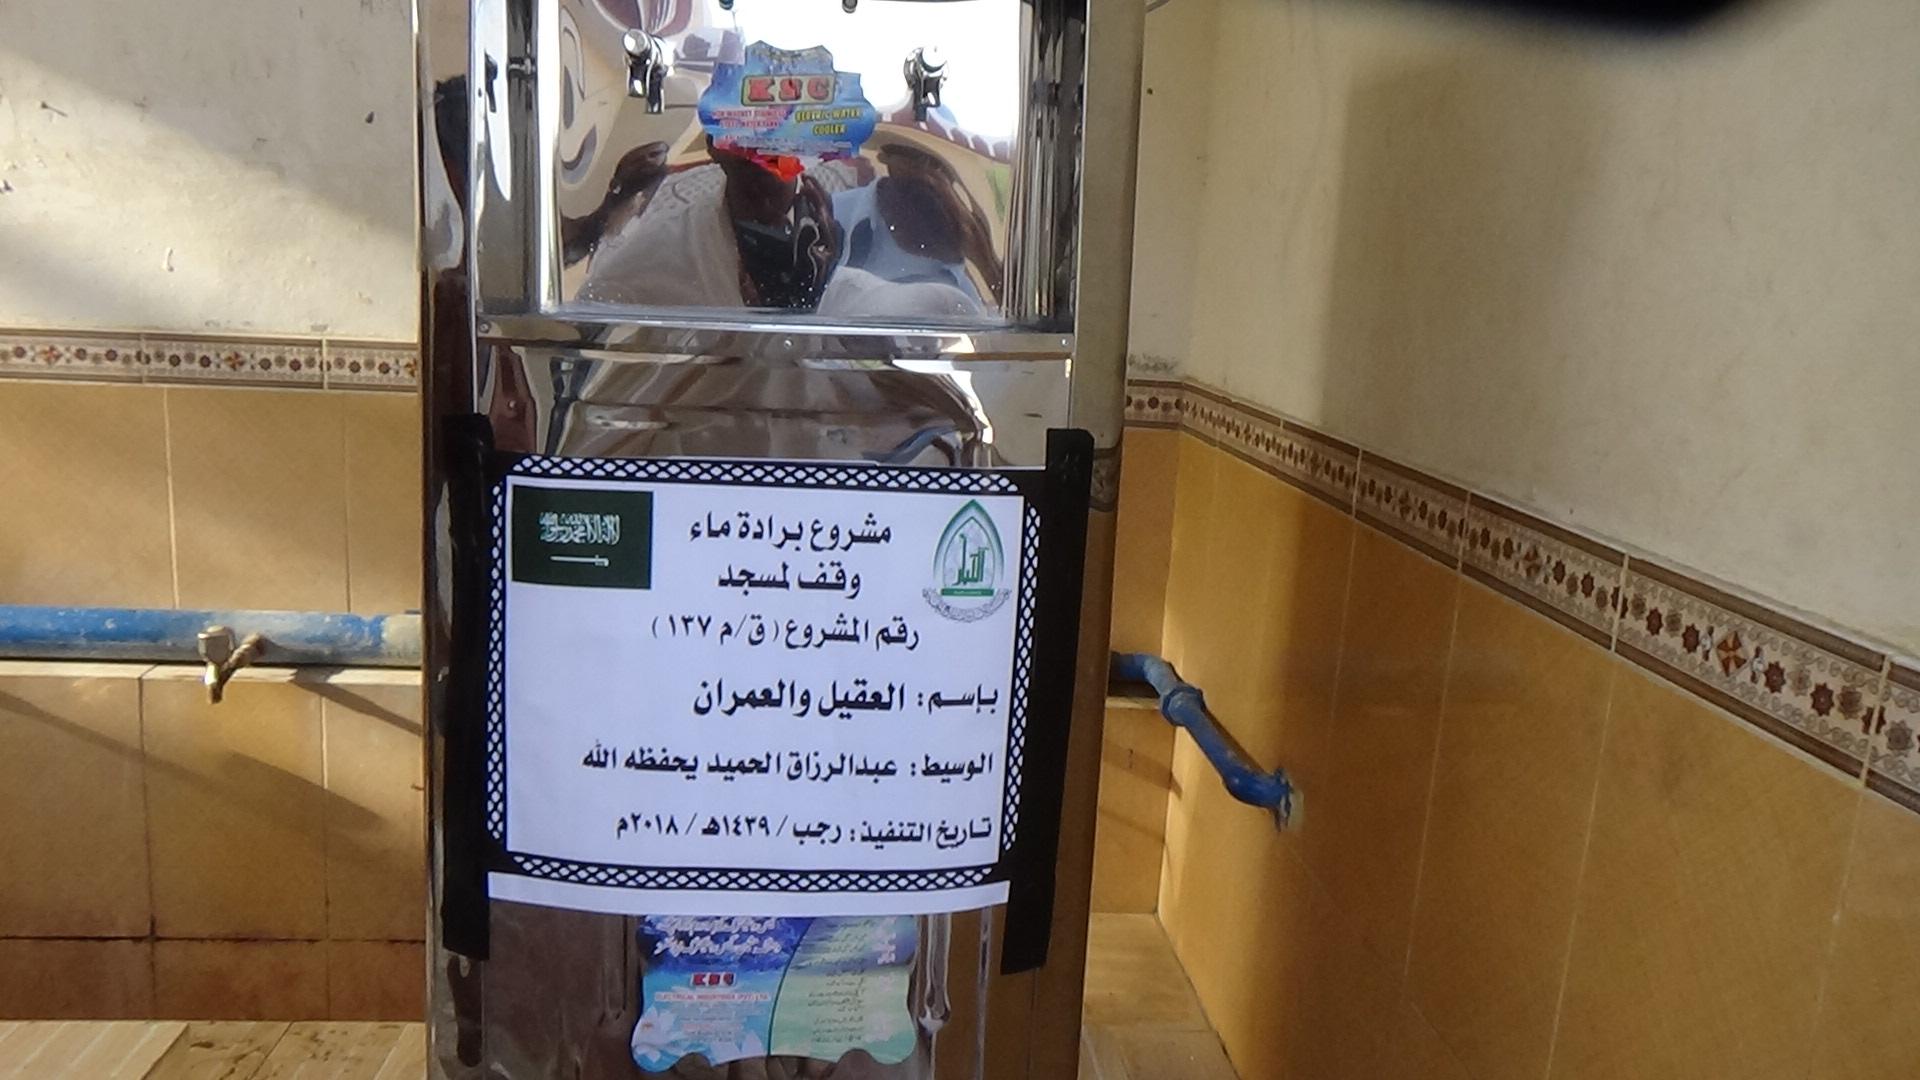 Photo of مشروع برادة ماء وقف لمسجد بإسم / العقيل والعمران (ق/م 137 )